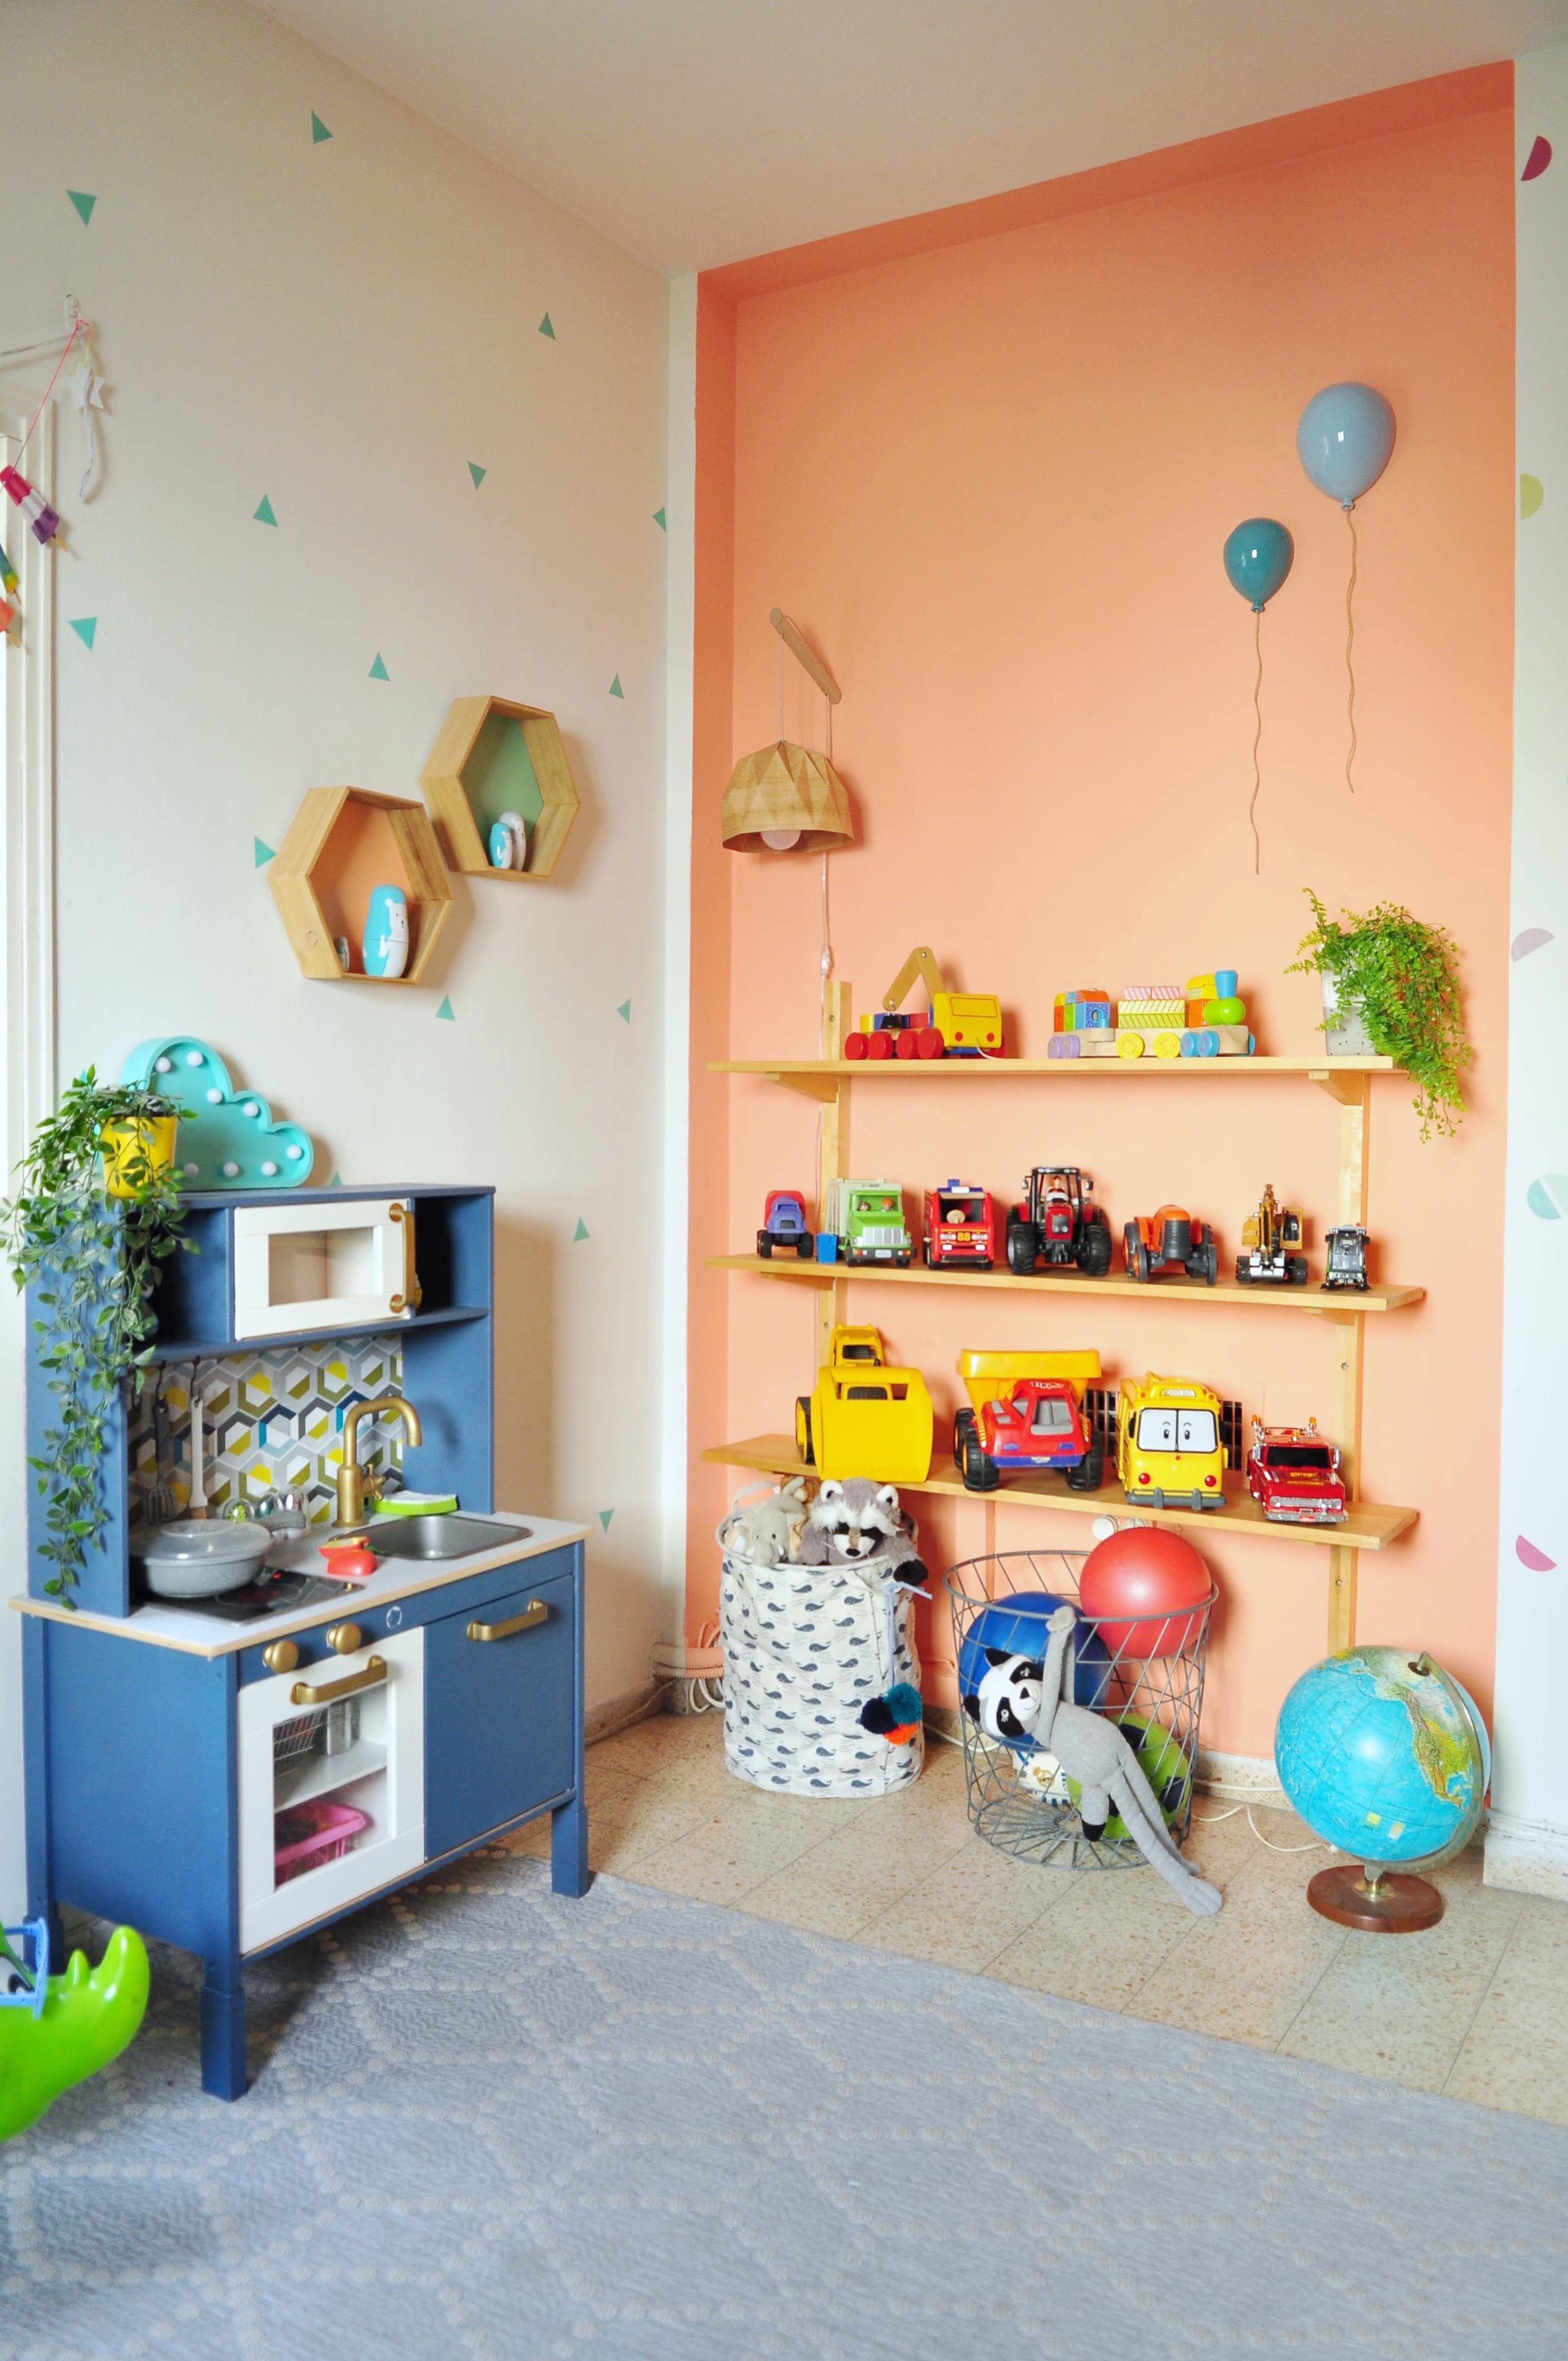 חדר הילדים שלי - שכורה בתל אביב